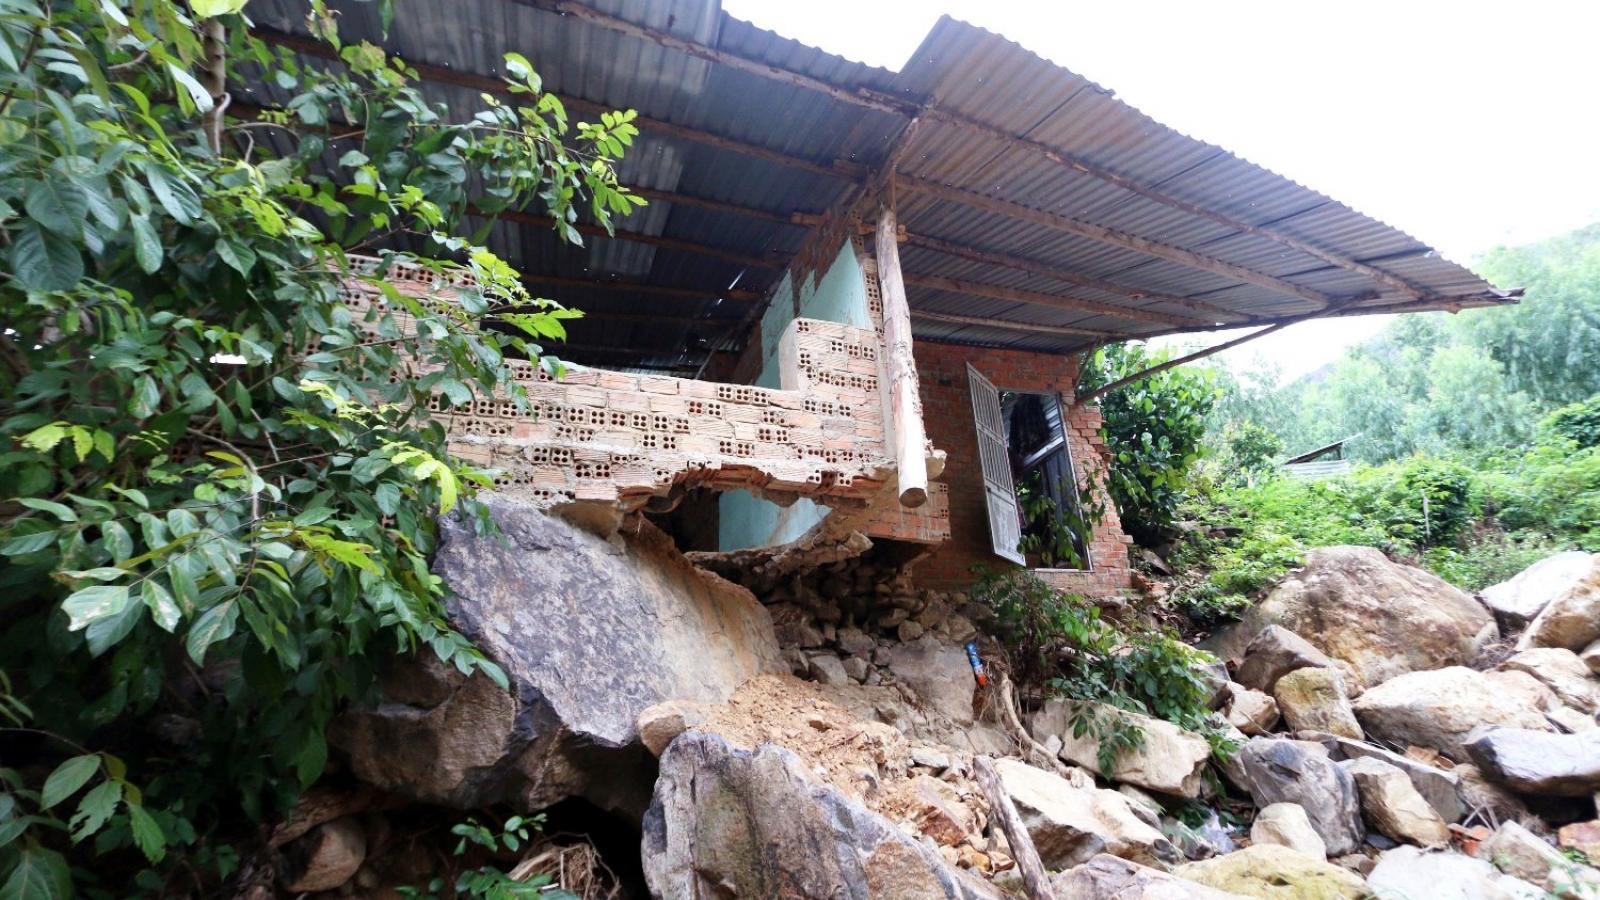 Hai năm sau thảm kịch sạt lở, người dân Phước Đồng vẫn đang mong có chỗ ở an toàn